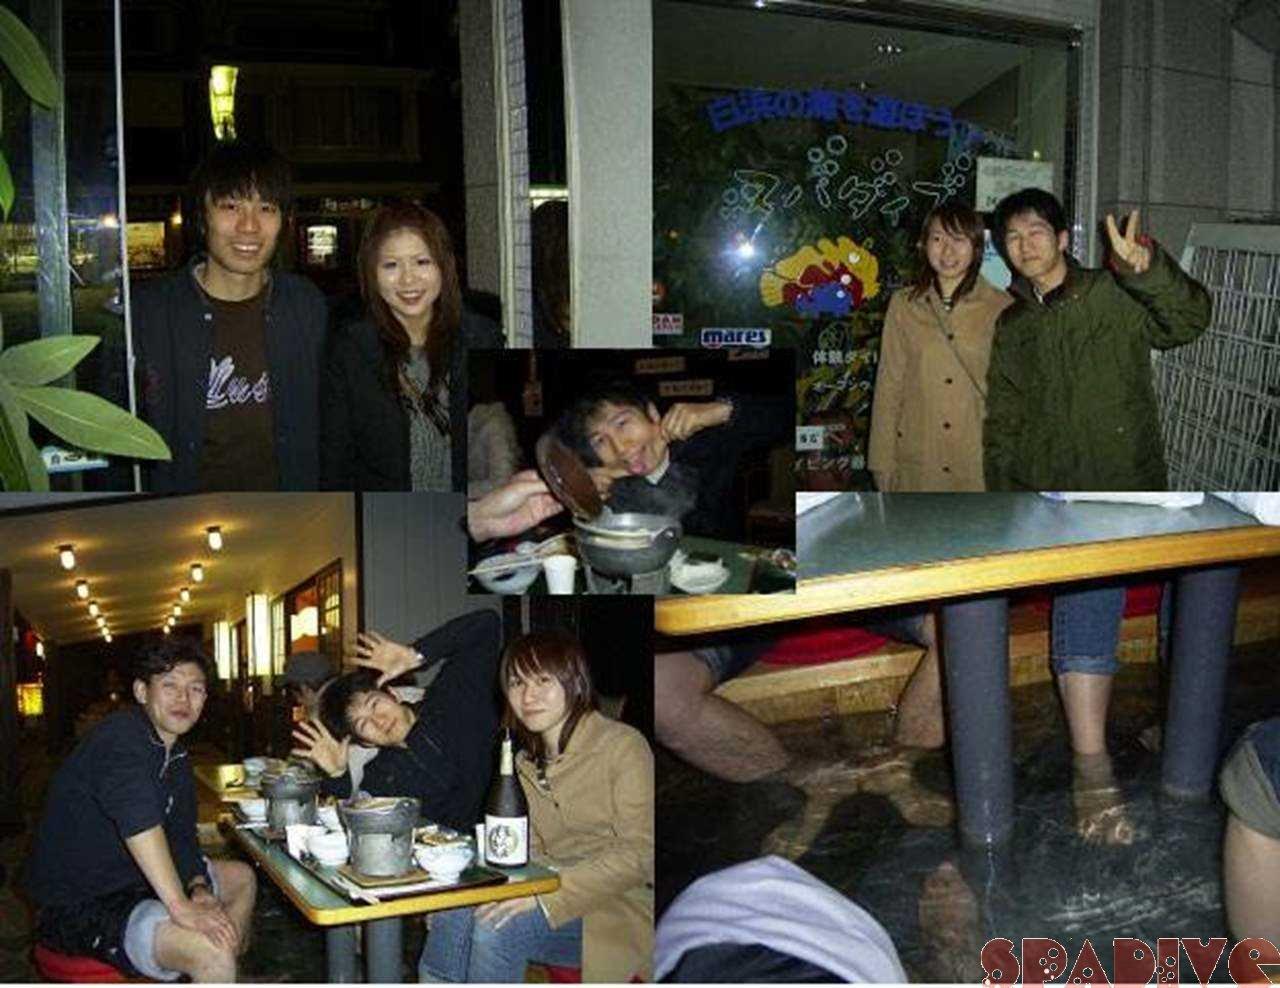 串本から帰ってびっくり!の再会と再会|3/20/2005